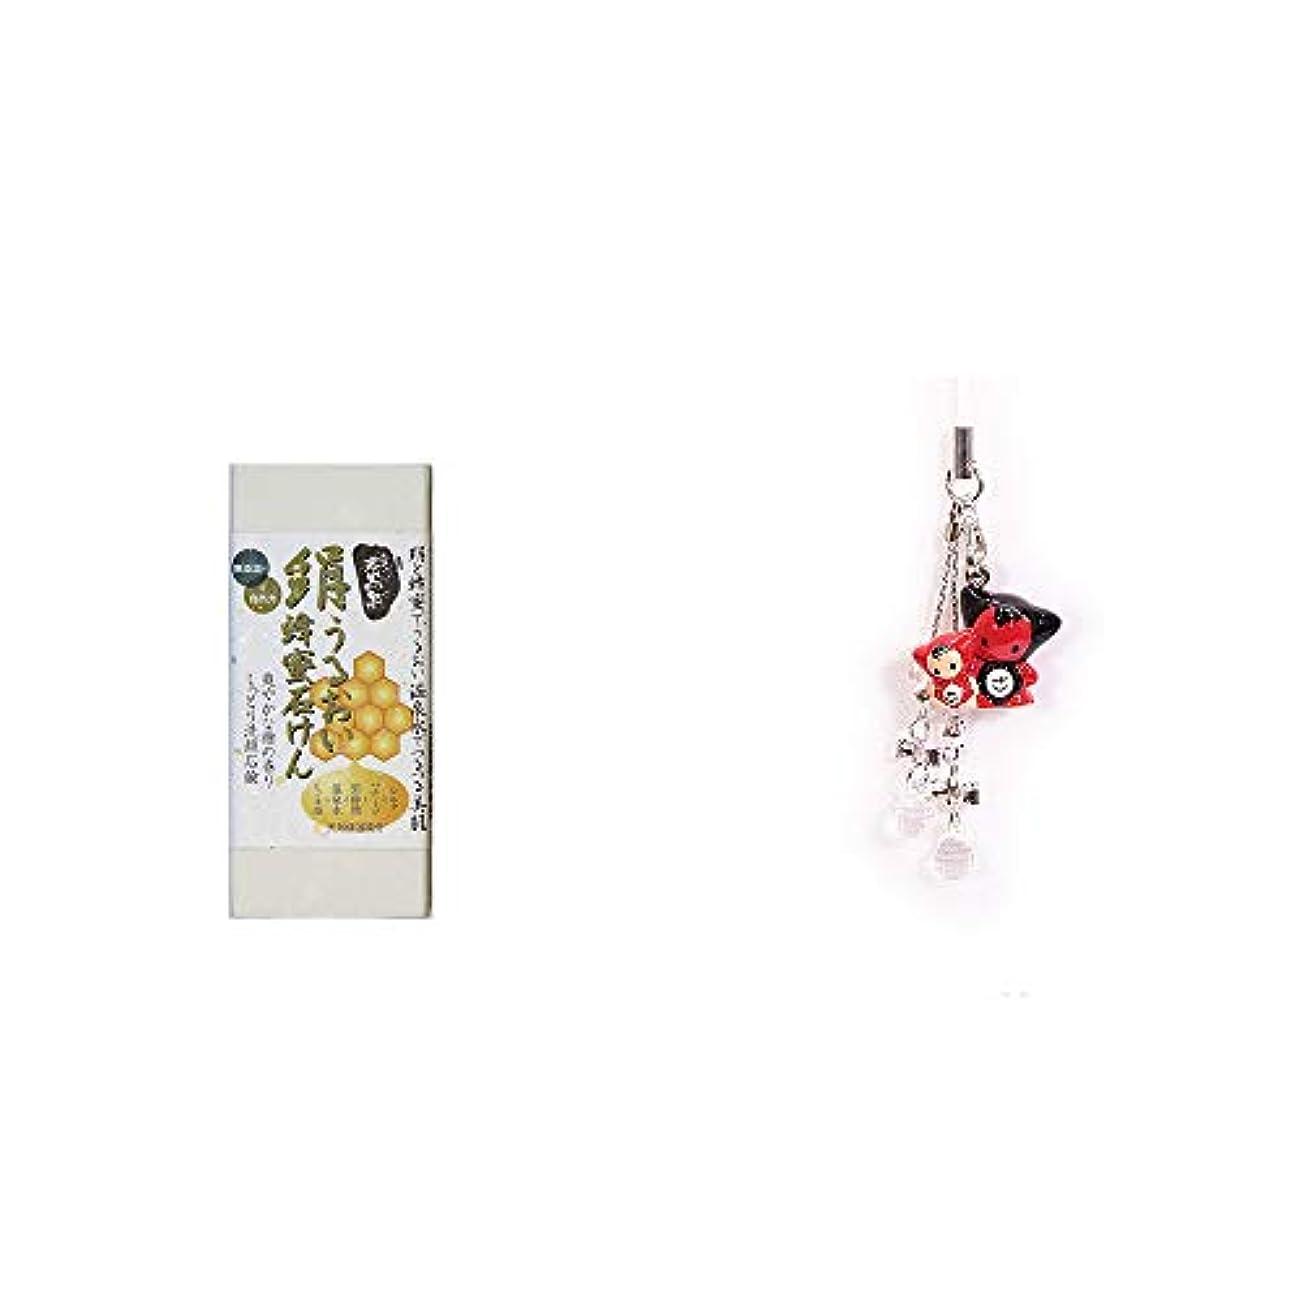 ご近所排除する不良品[2点セット] ひのき炭黒泉 絹うるおい蜂蜜石けん(75g×2)?さるぼぼペアビーズストラップ 【クリア】/縁結び?魔除け//